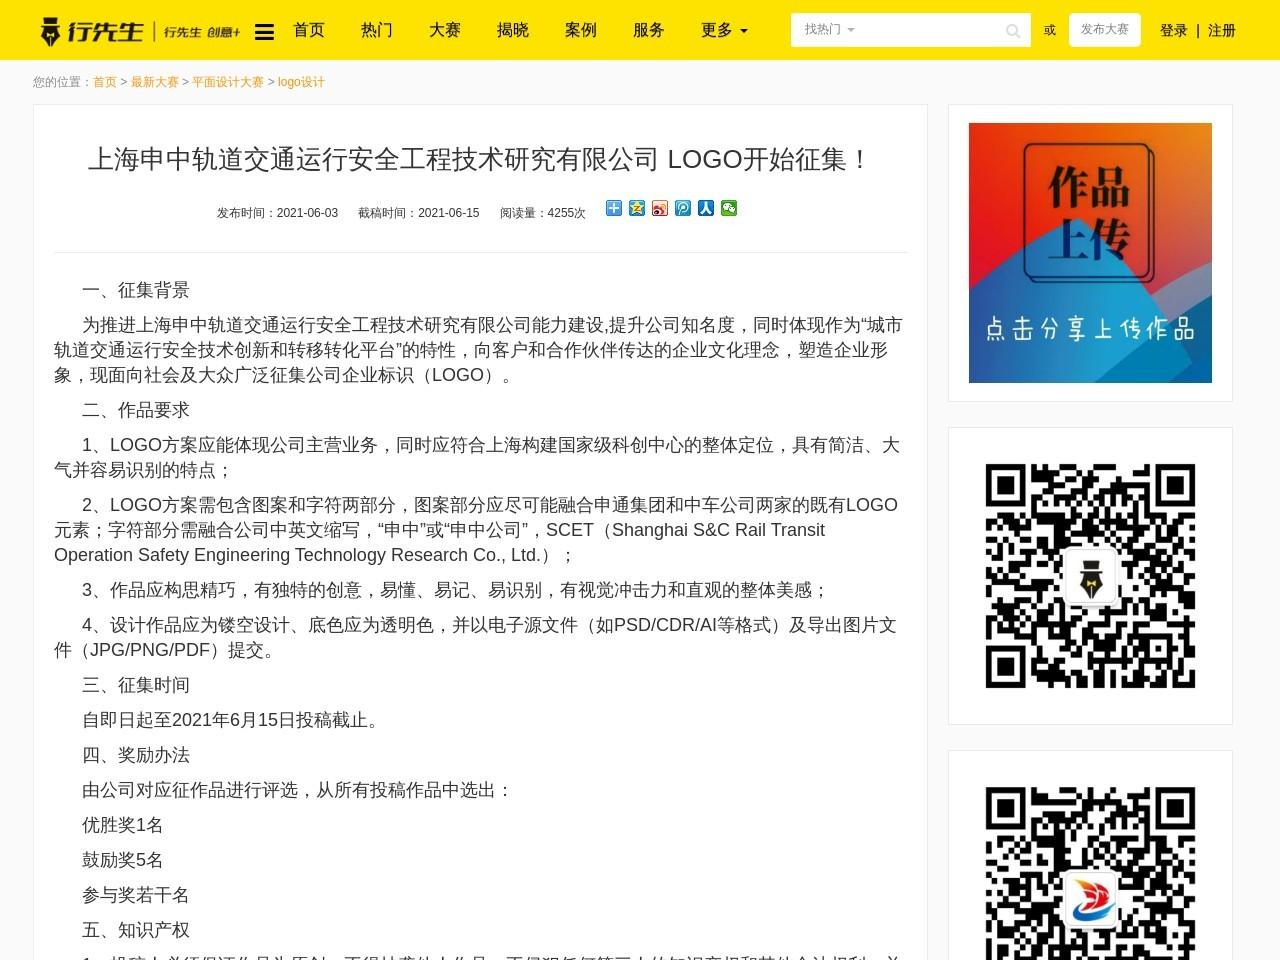 上海申中轨道交通运行安全工程技术研究有限公司 LOGO开始征集!